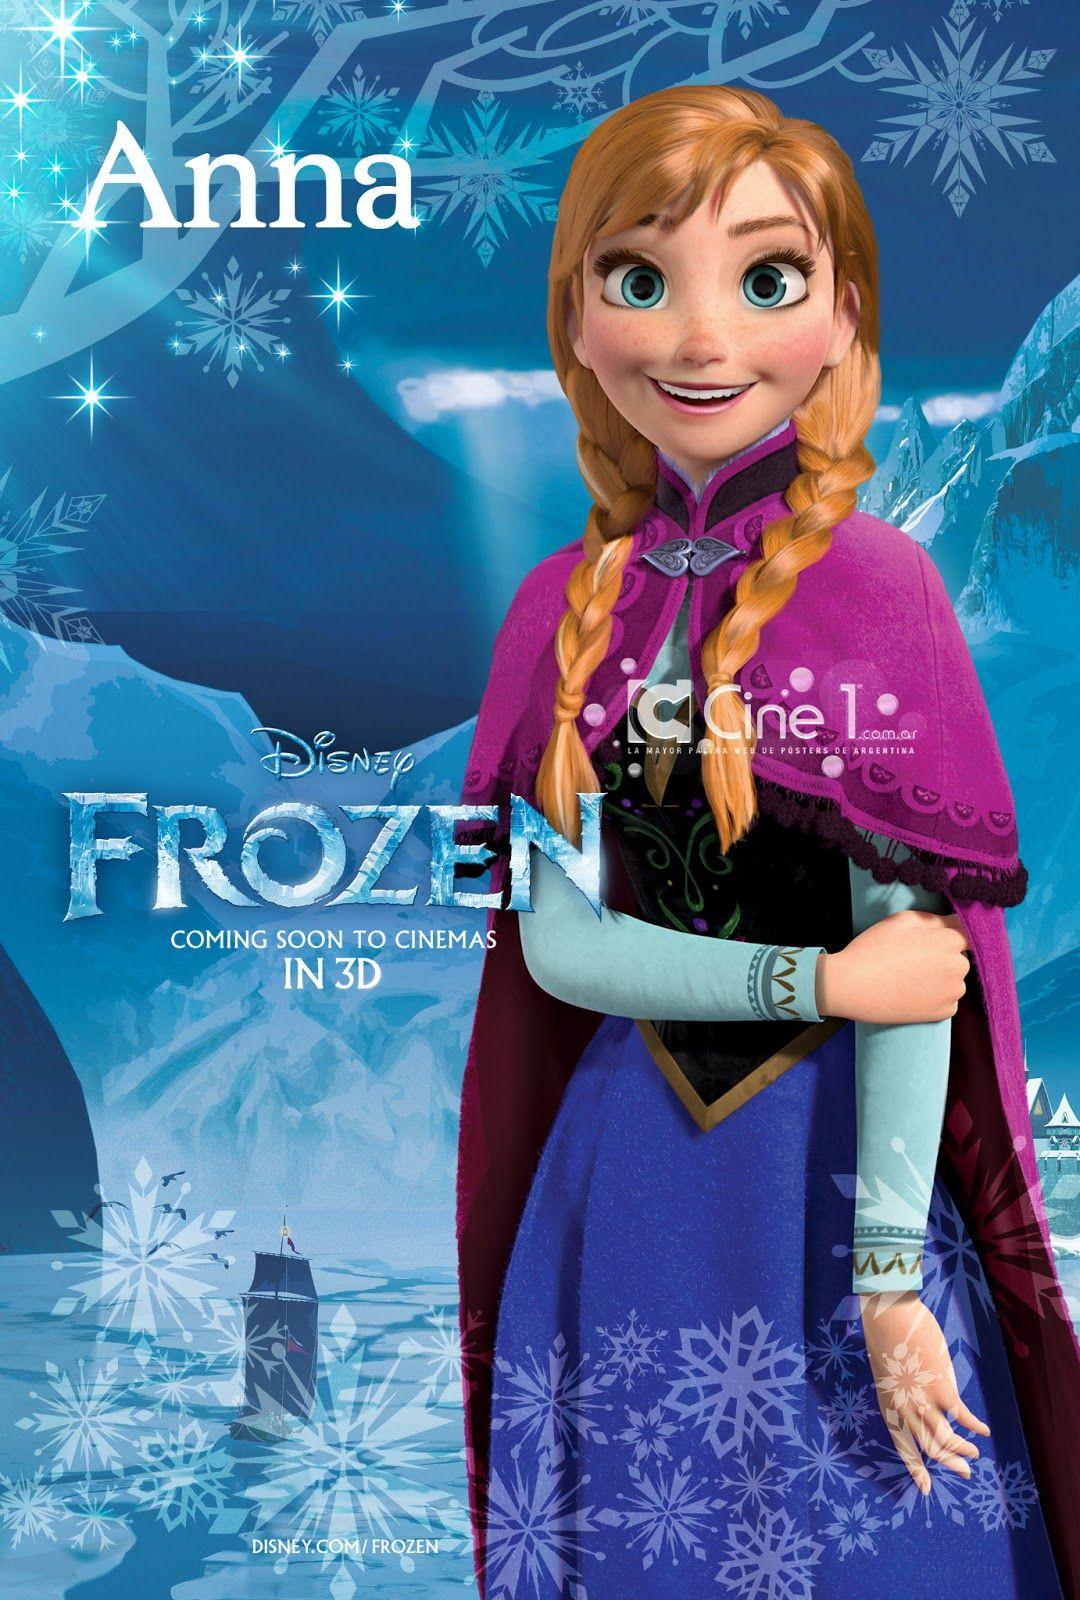 Disney Frozen Movie Posters Frozen Posters Disney Princess Fan Art 33492614 Fanpop Fanclubs New Disney Movies Anna Disney Disney